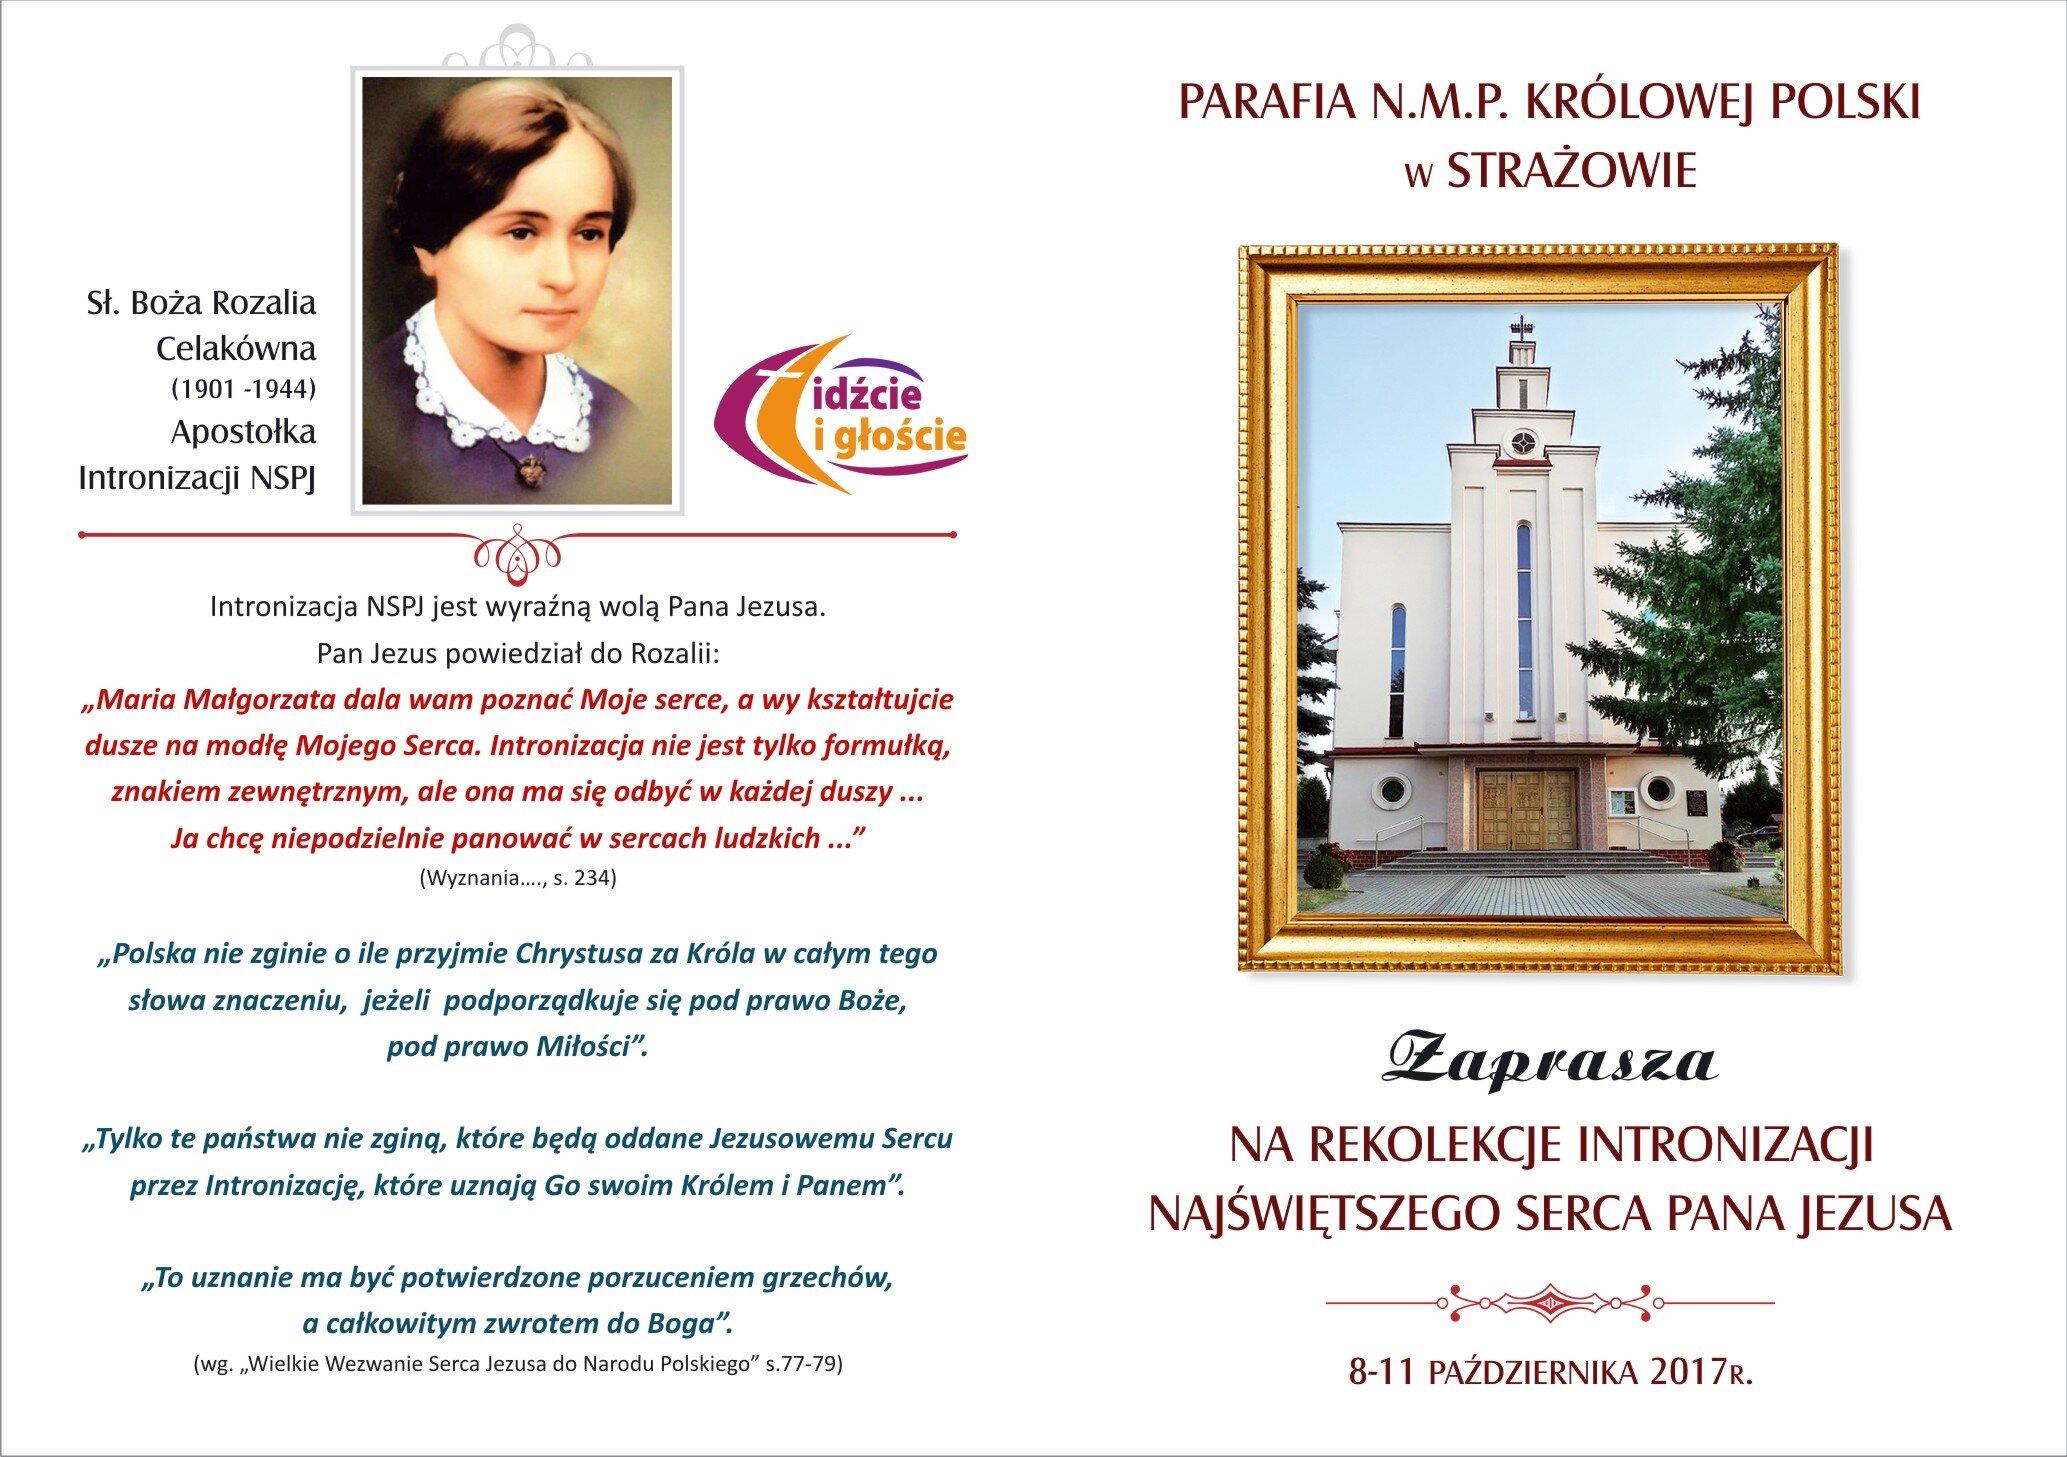 http://www.parafia.strazow.pl/wp-content/uploads/2017/09/zaproszenie_1.jpg